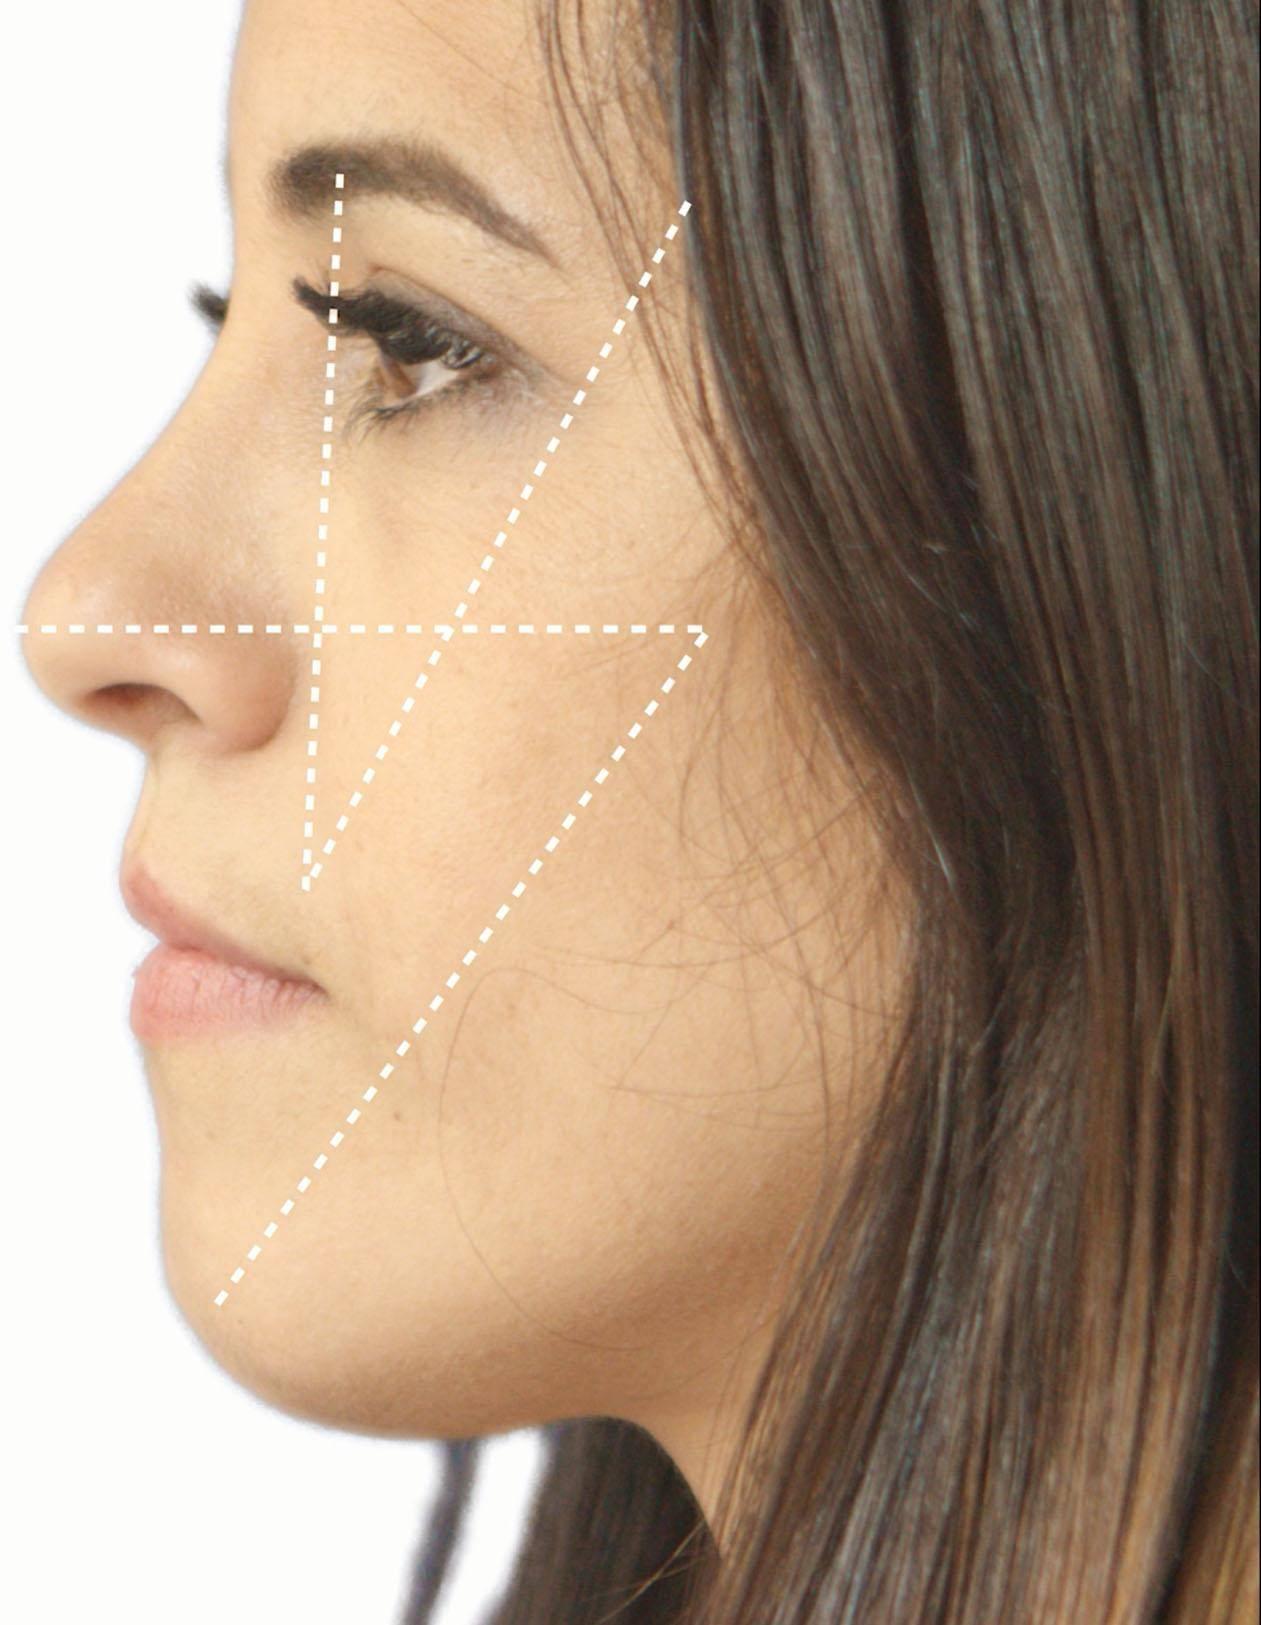 kotlus eye balance blepharoplasty